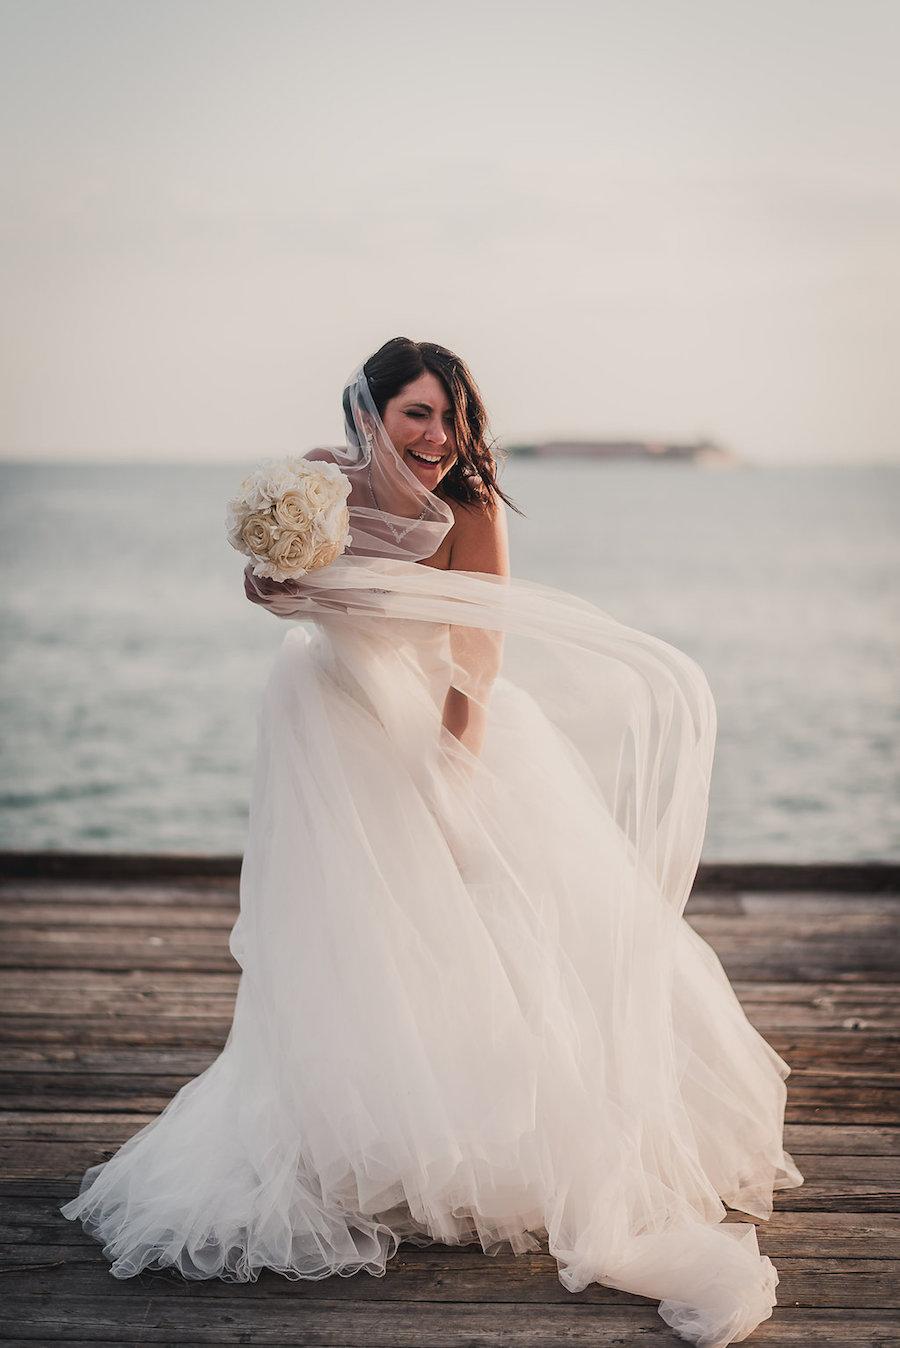 Matrimonio In Venezia : Un matrimonio ispirato ai viaggi a venezia wedding